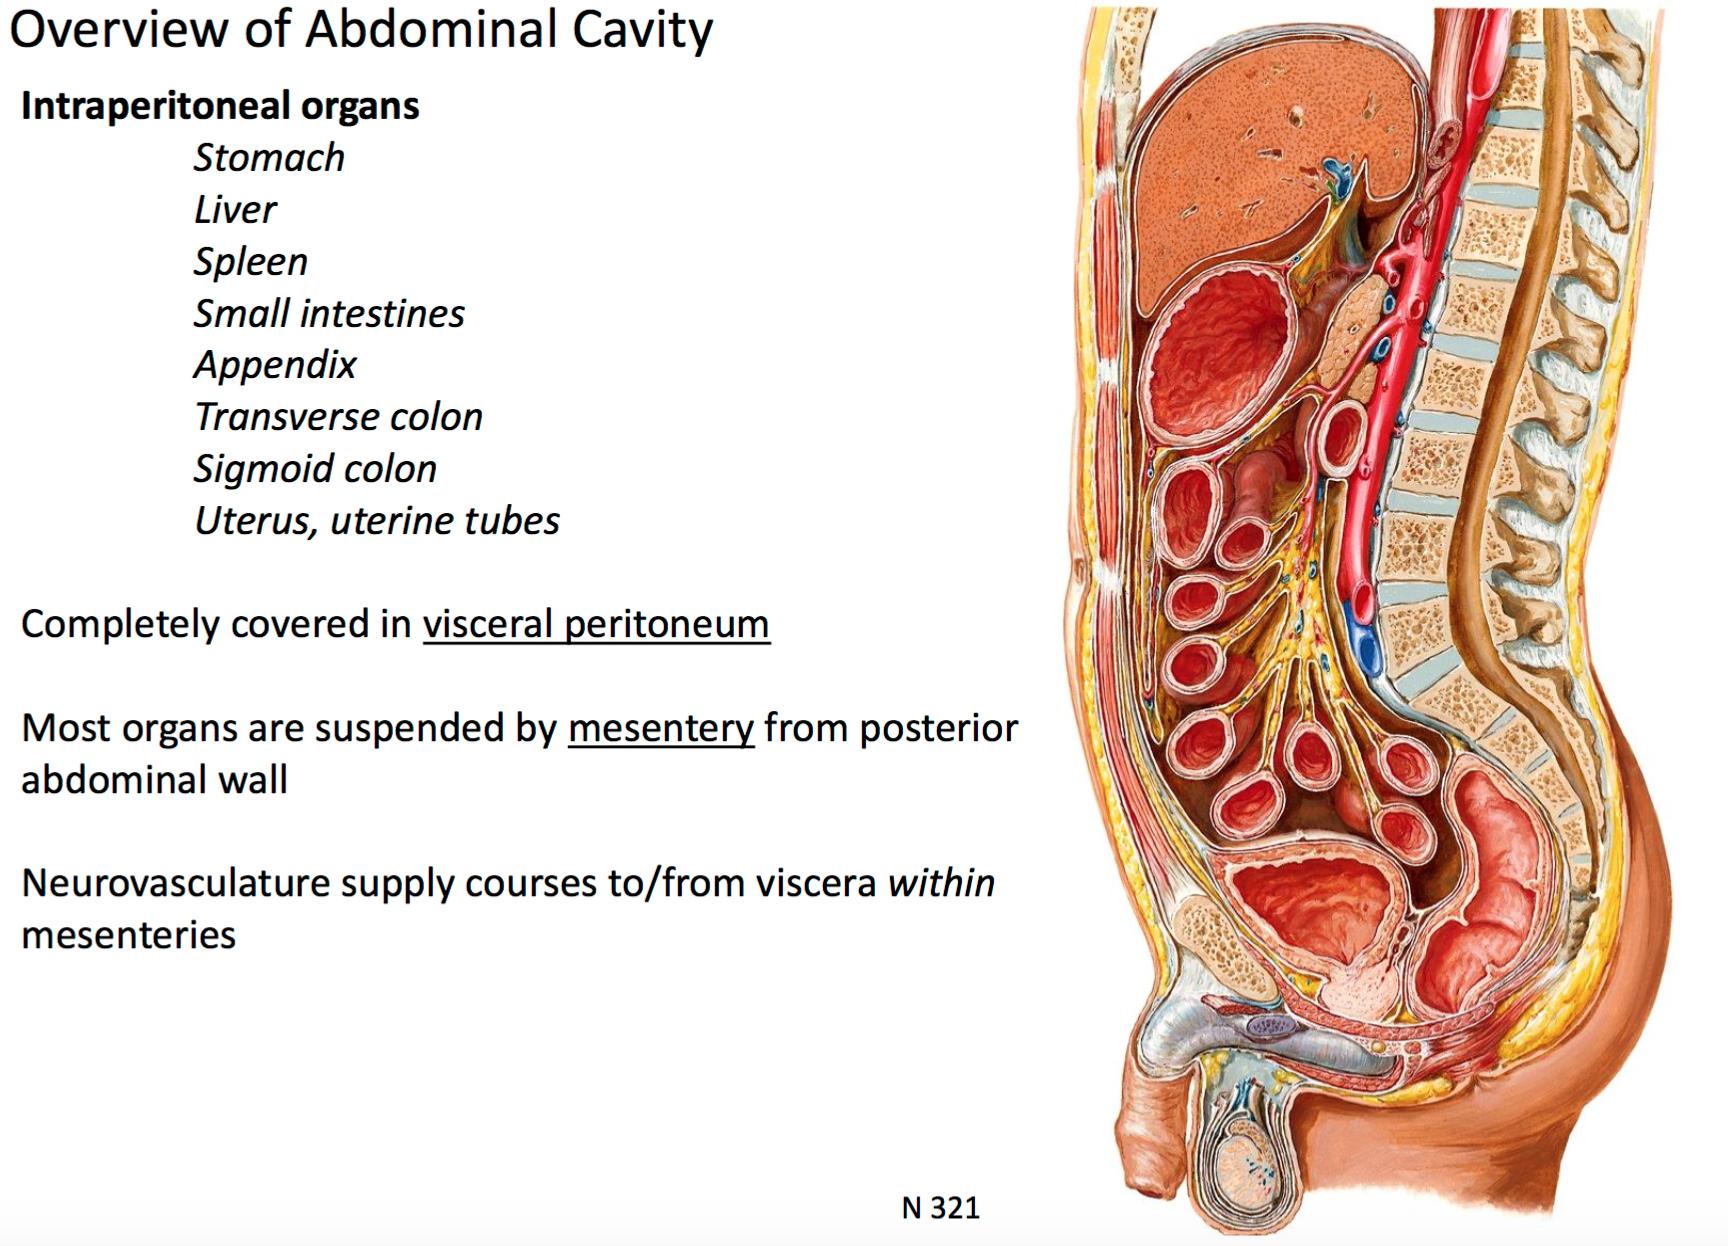 Anatomy G28b Orientation to Abdominal Cavity (anatomy) Flashcards ...